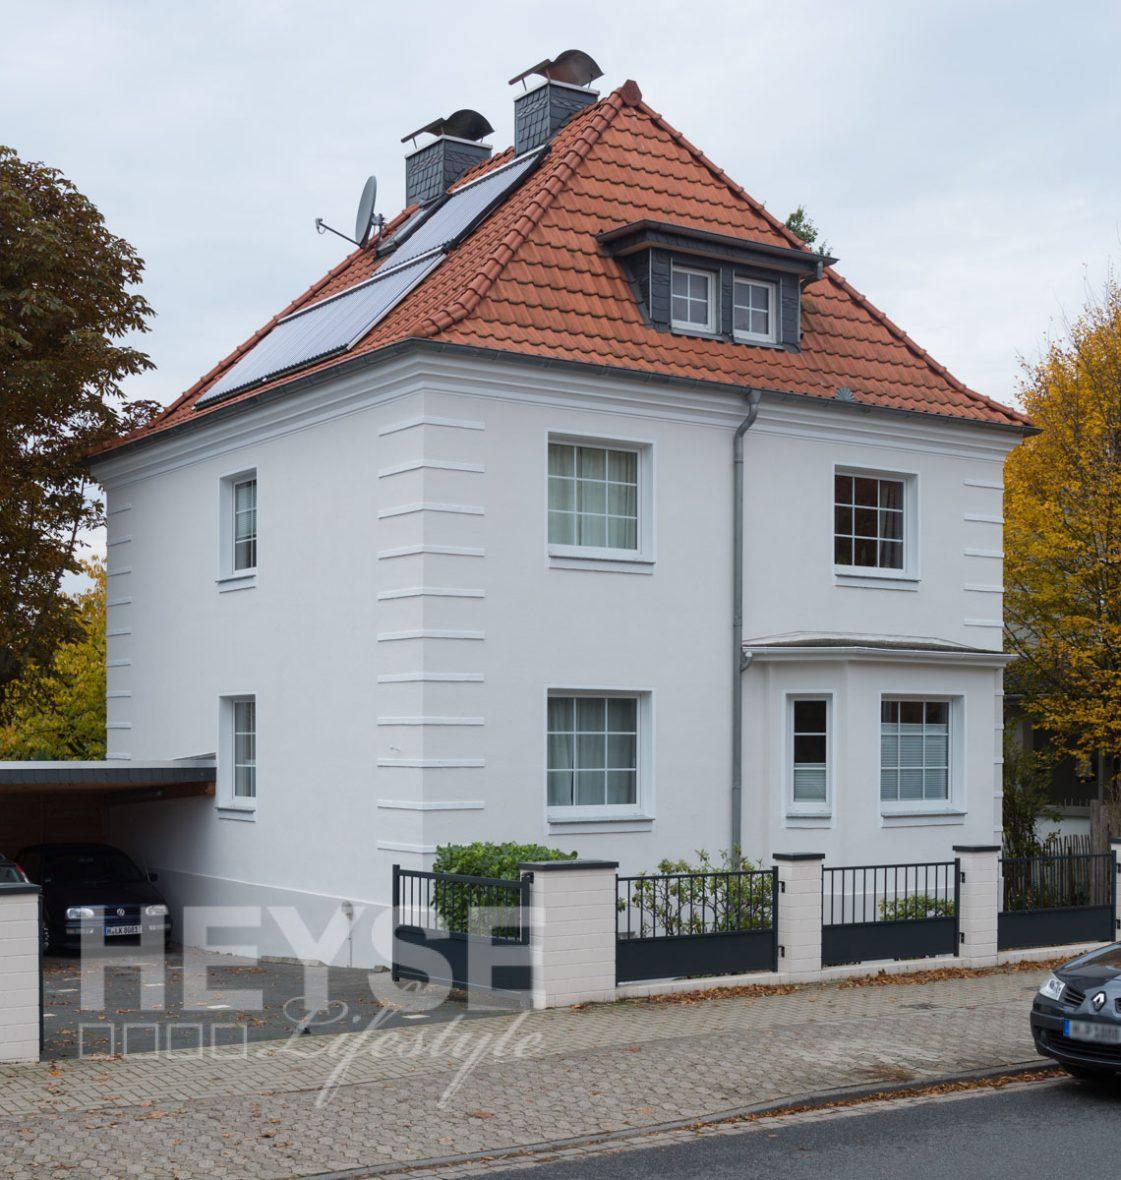 Kaffemuehle Haus Fassade Sanierung Anstrich Hannover Burgdorf8065